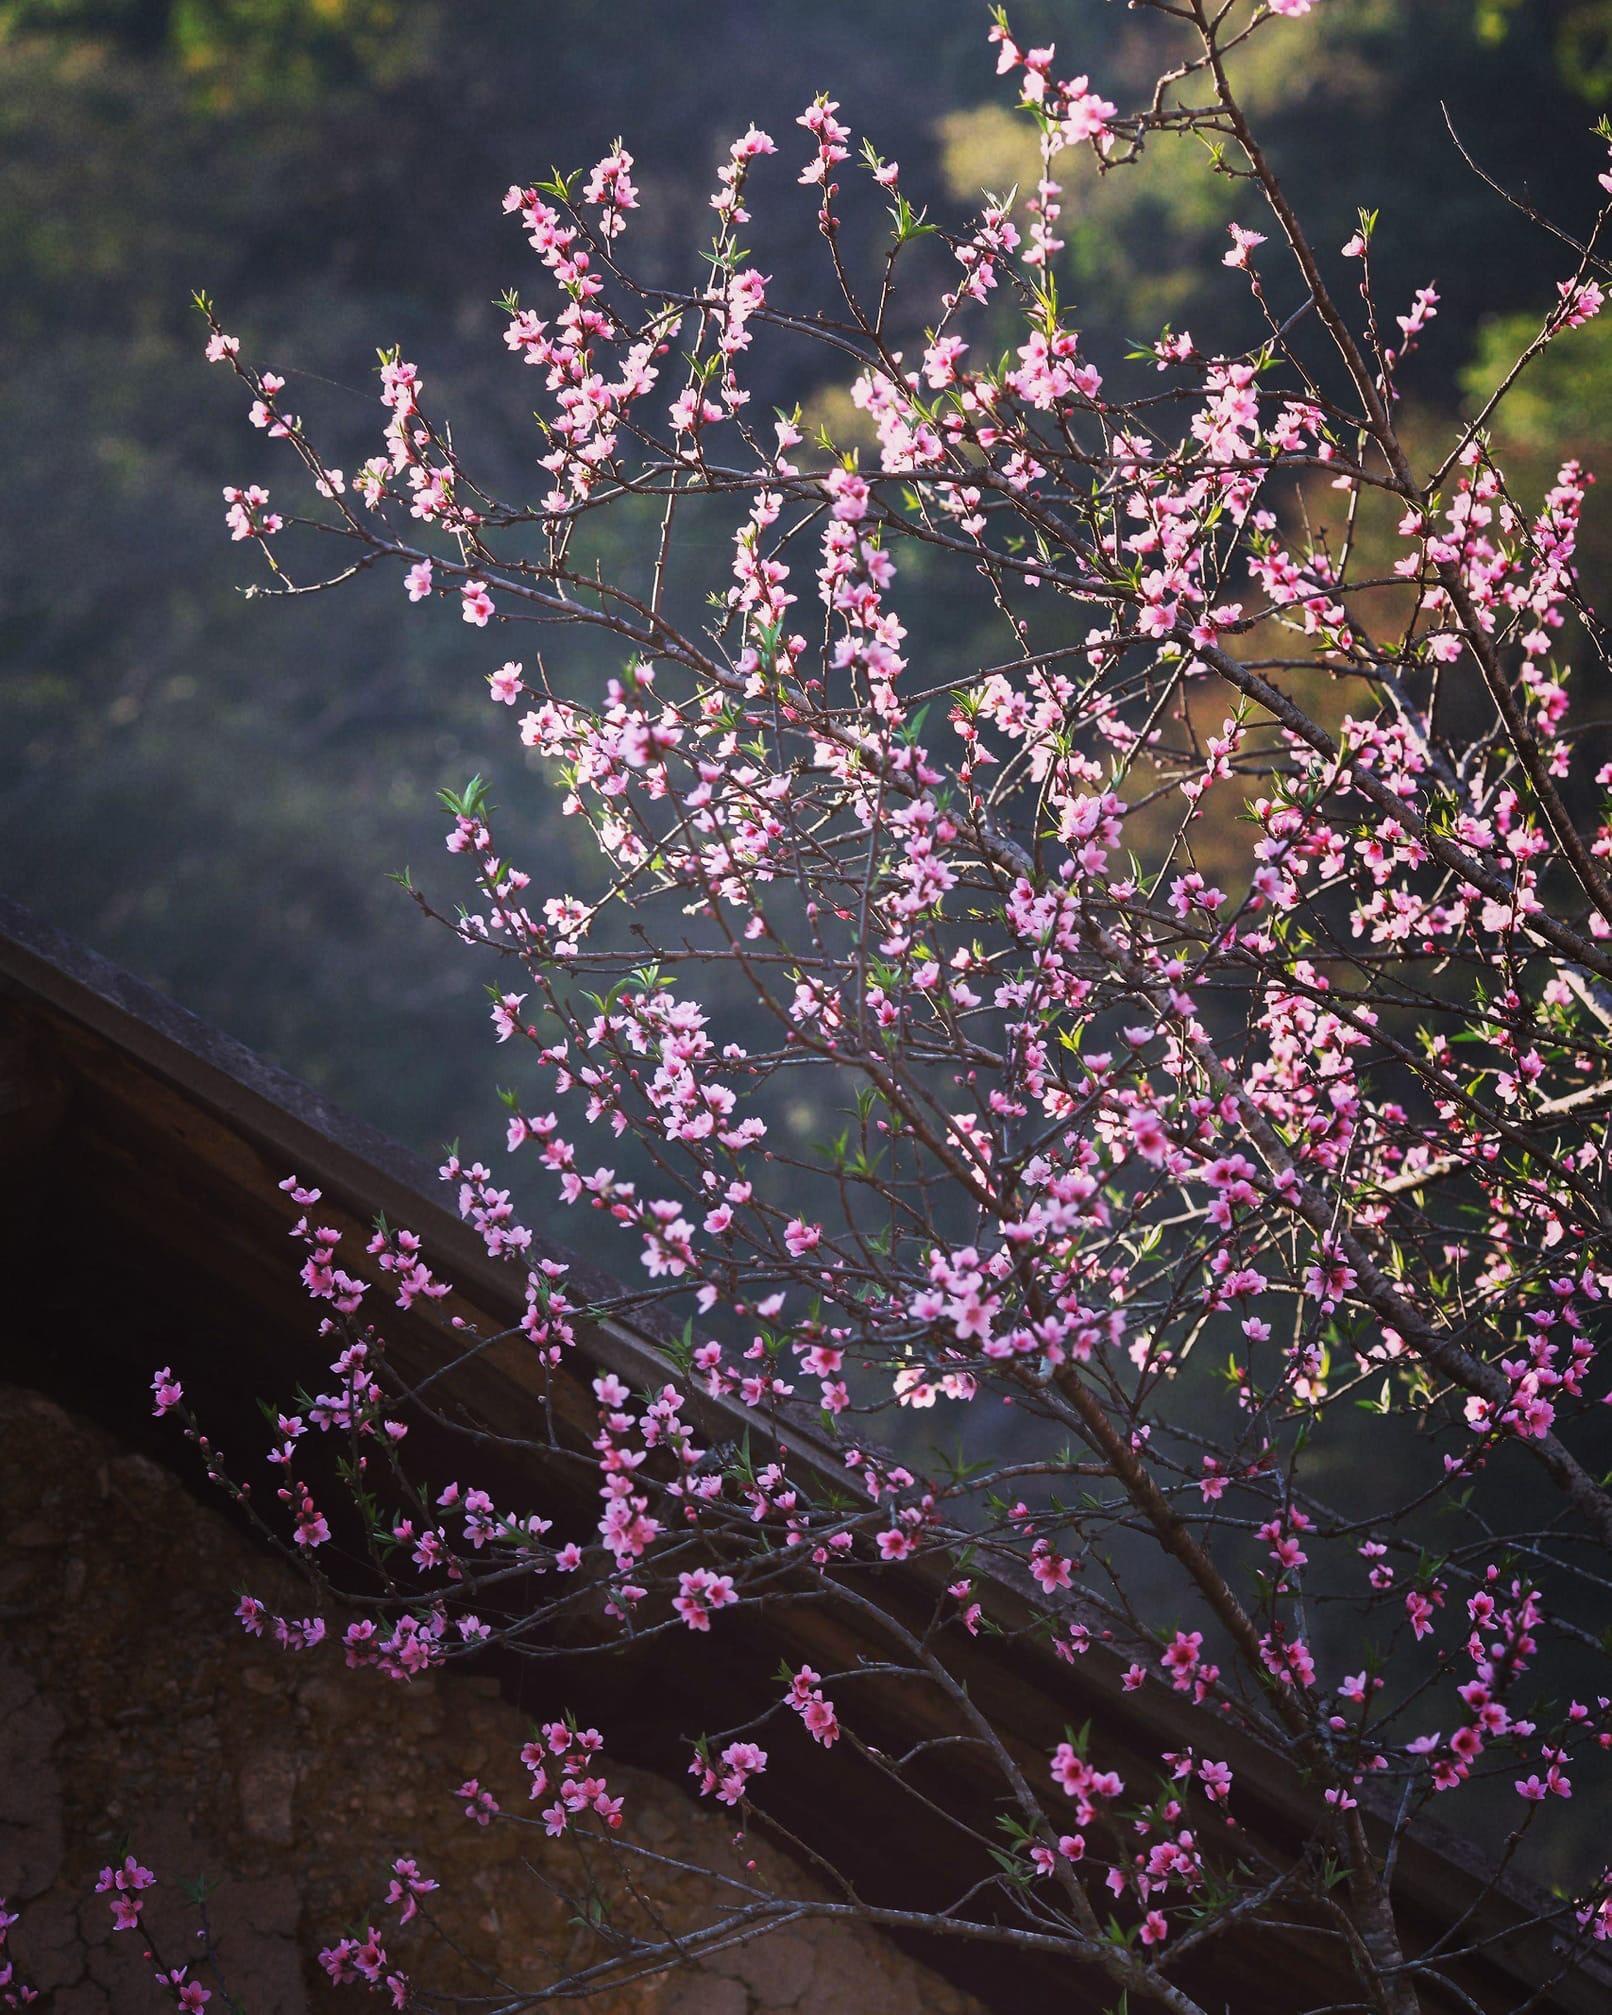 Tour trốn Tết Hà Giang trong hoa đào hoa mận 3,4,5 âm lịch